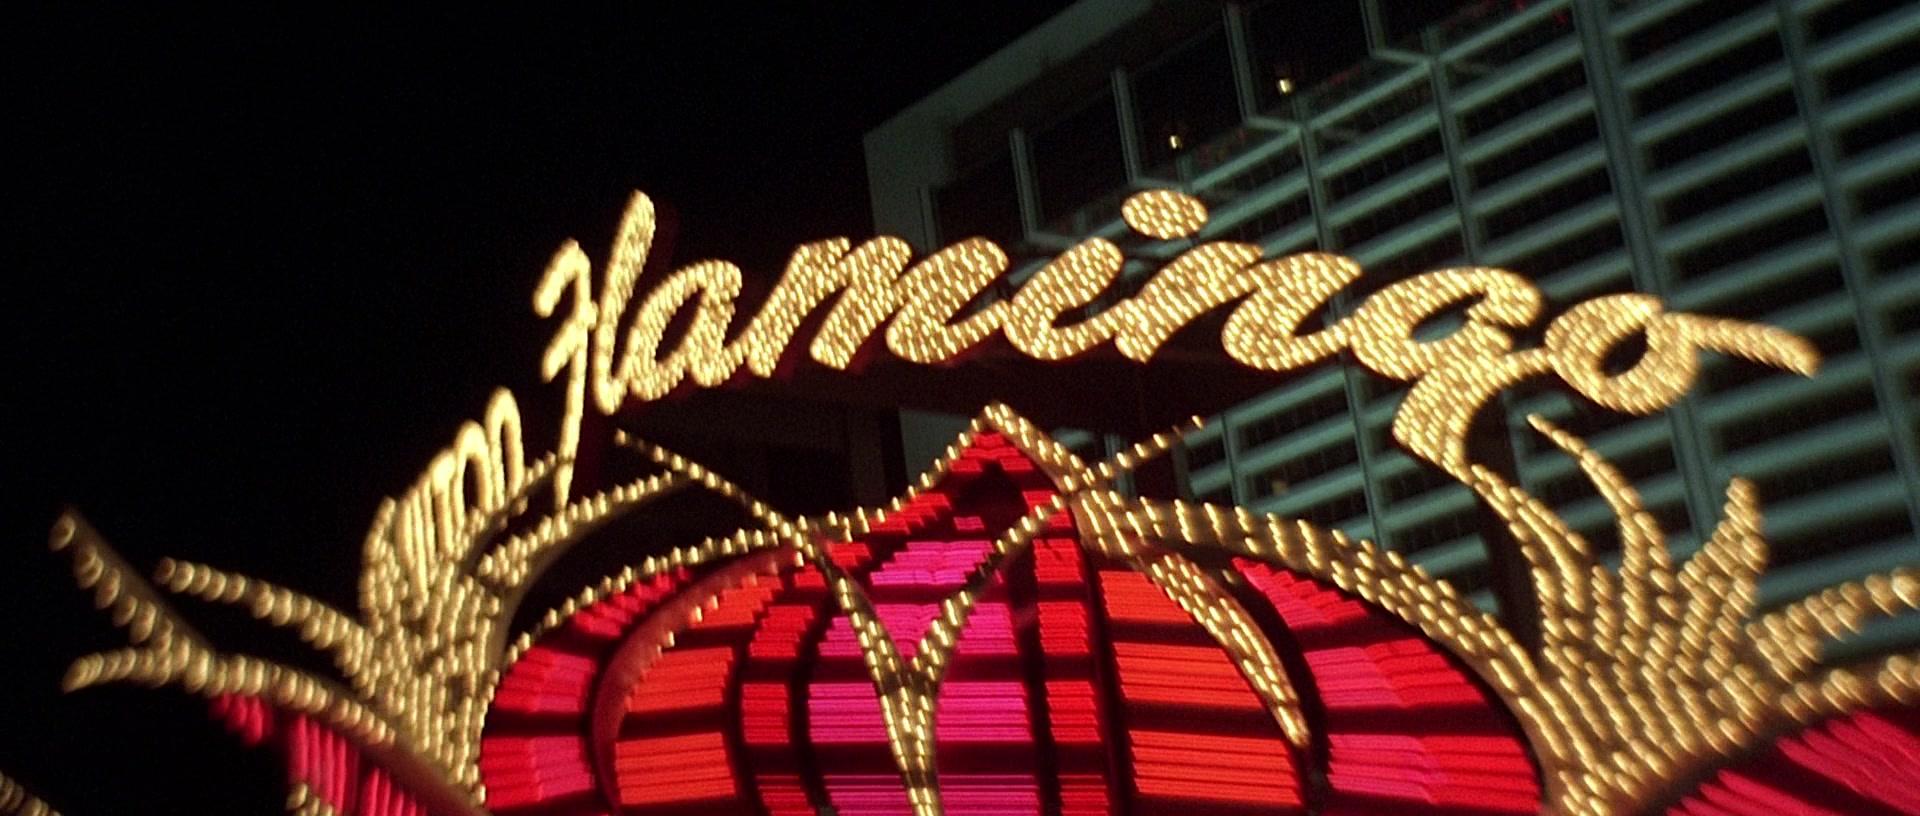 fear & loathing in las vegas casino